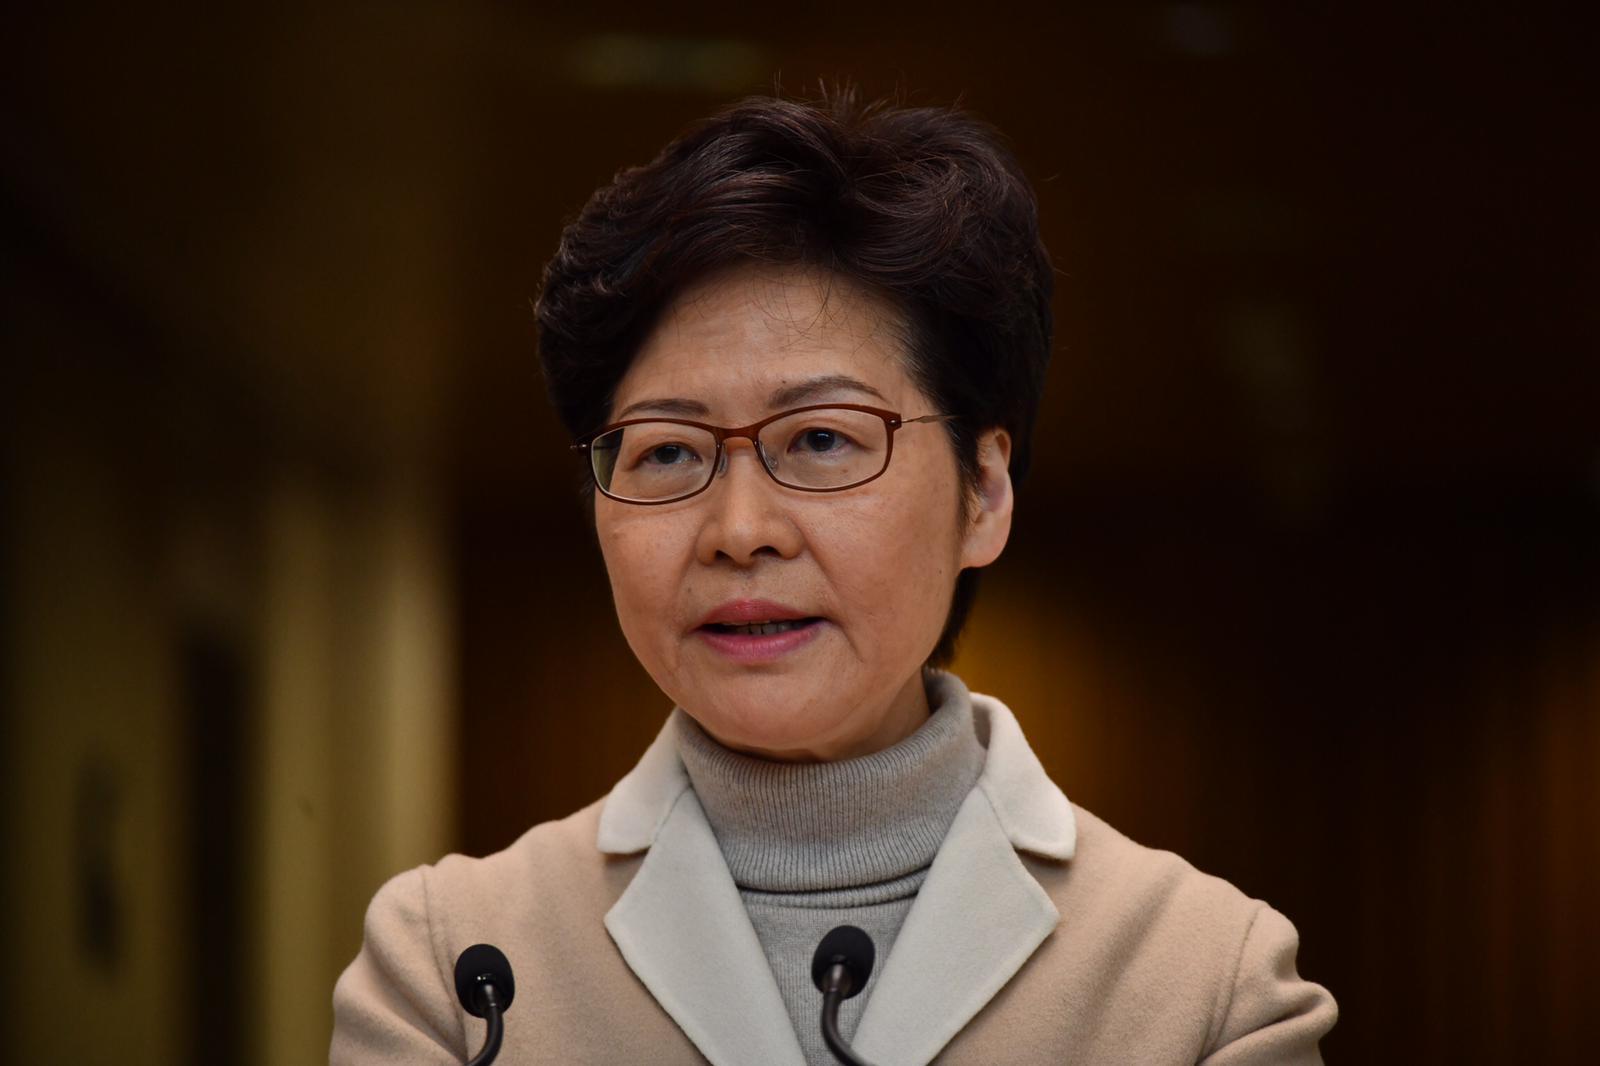 林鄭月娥表示,會重新審視到立法會短問短答是否仍有意義。